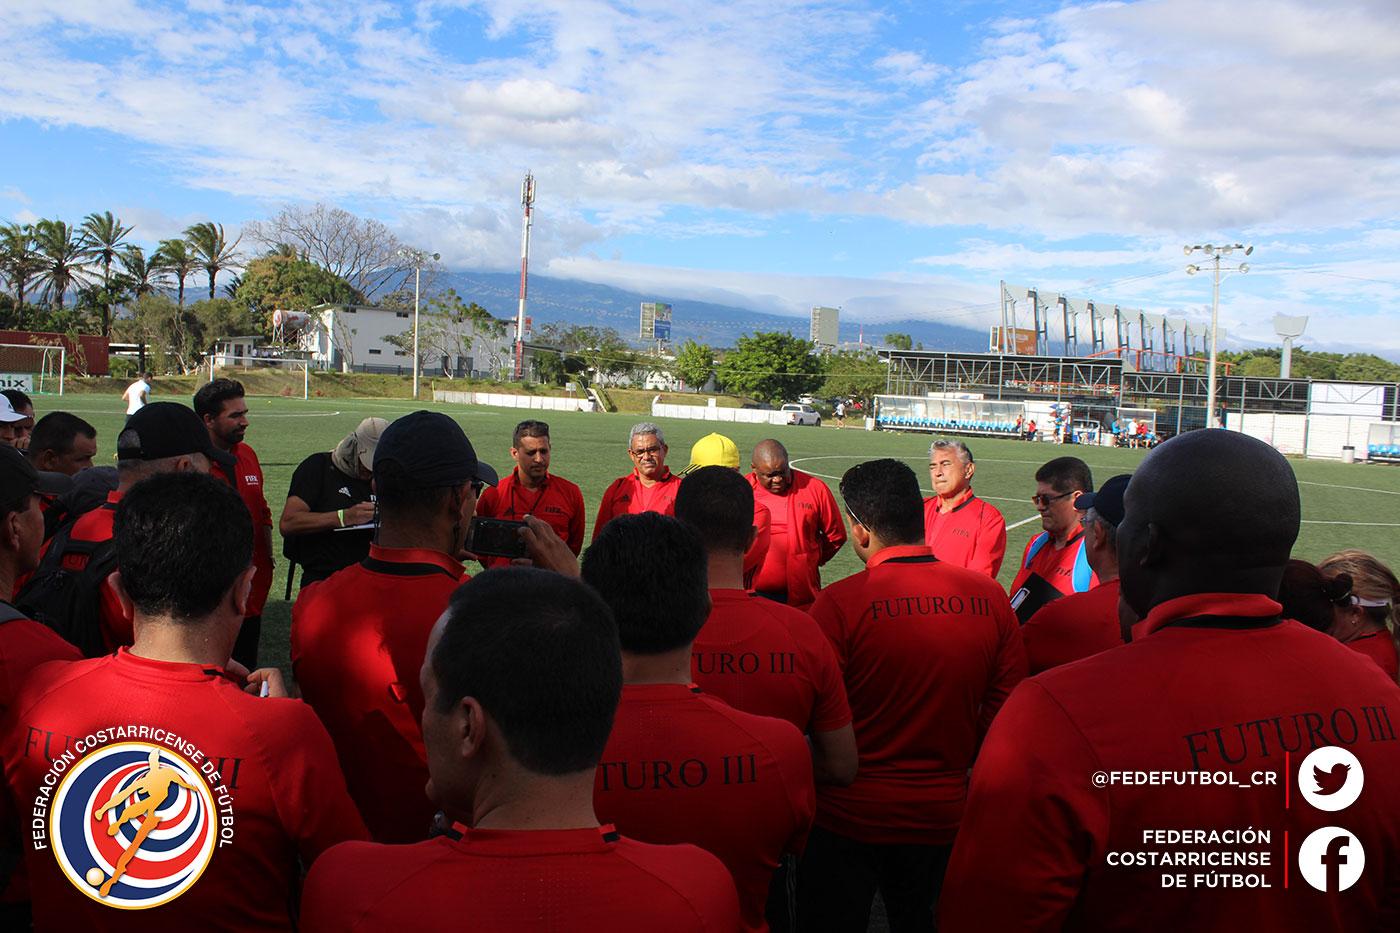 Nota alta para Futuro III en Costa Rica